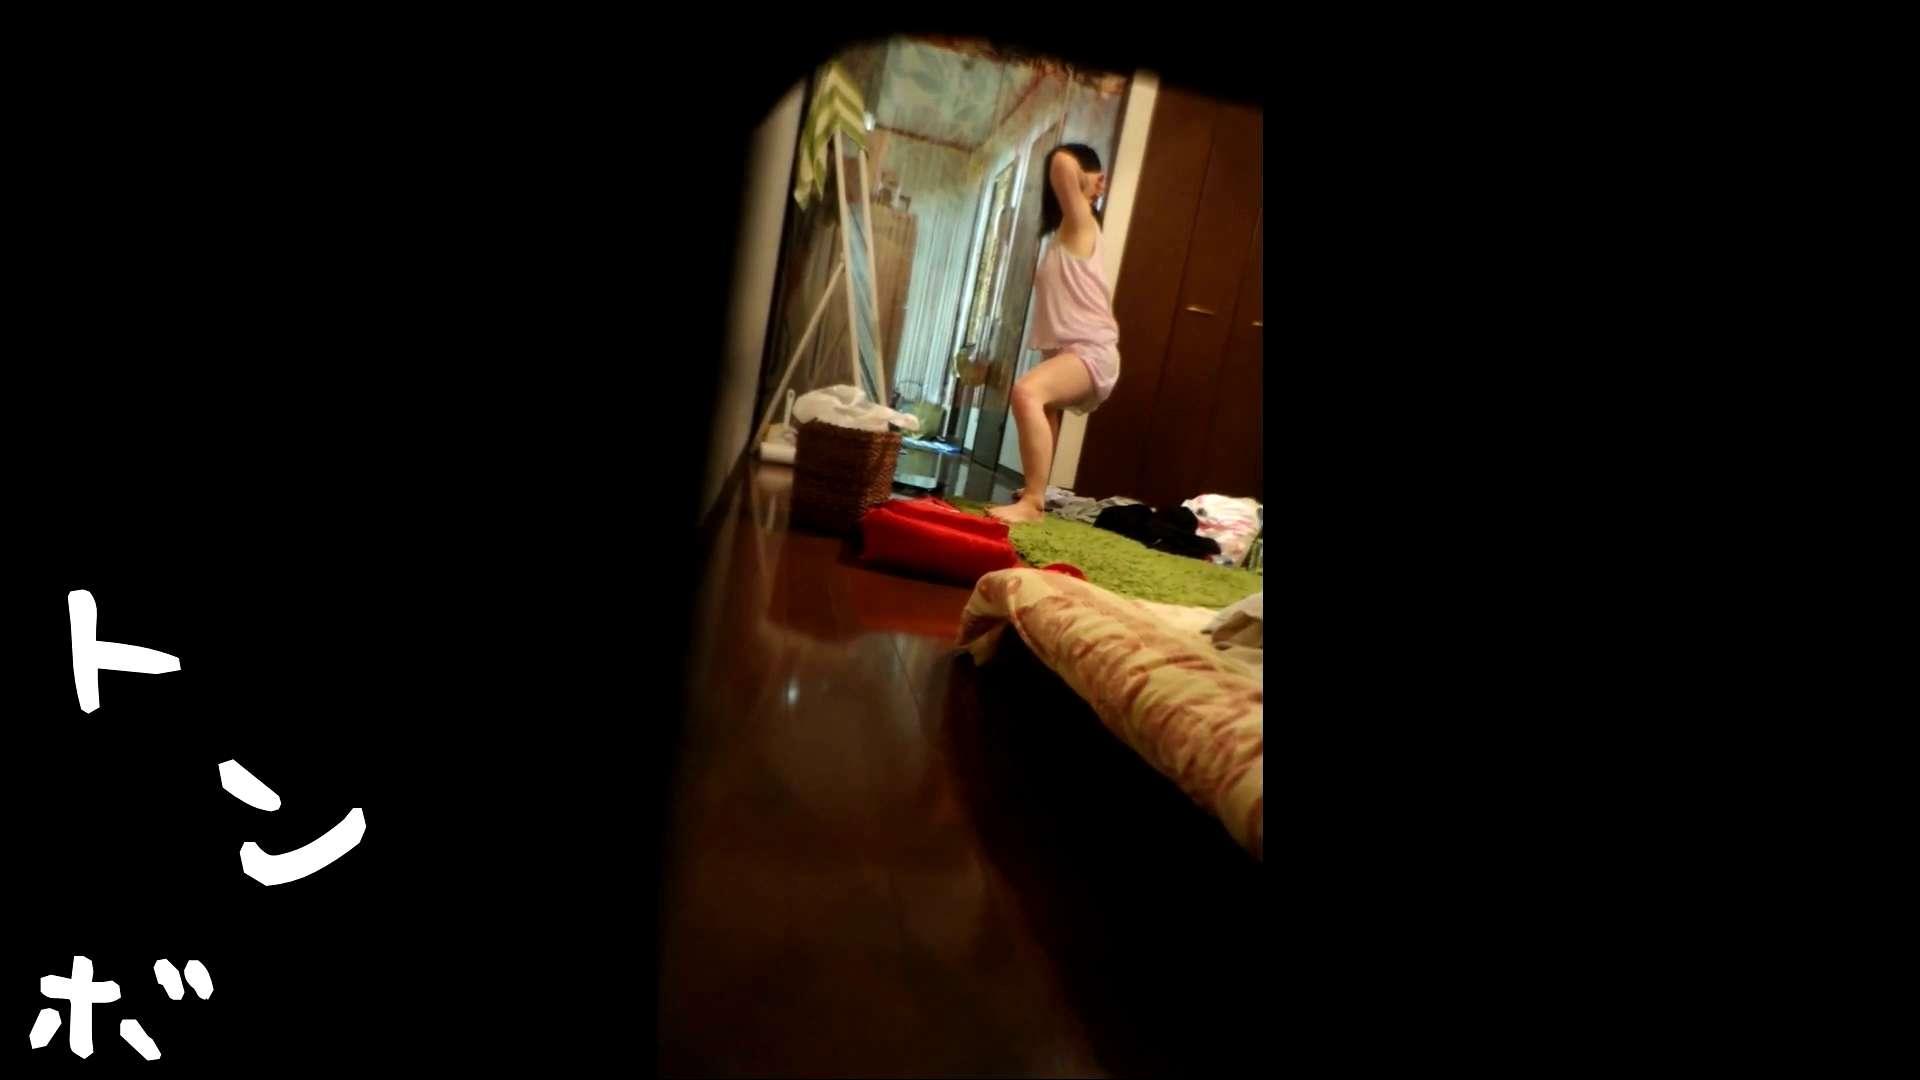 リアル盗撮 むっちりお女市さんの私生活ヌード 潜入 | むっちり  61pic 1